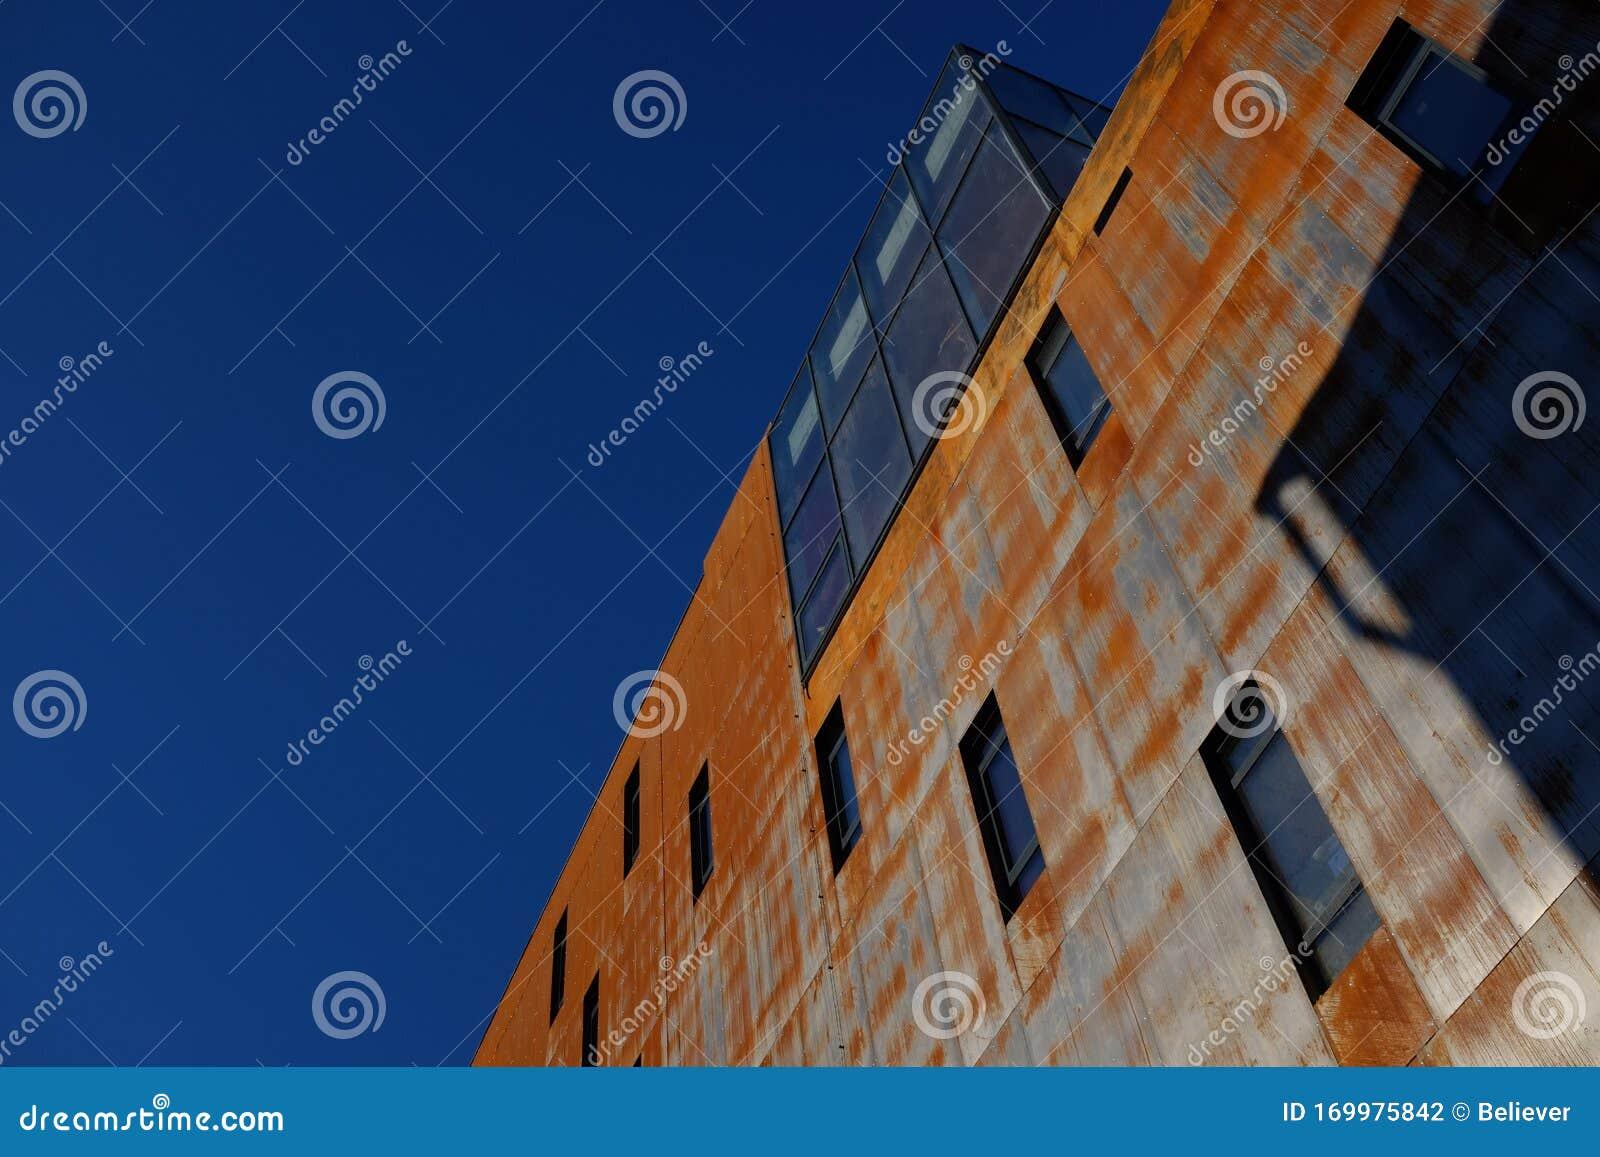 Corten Steel Modern Building Chorten Steel Against Blue Sky A